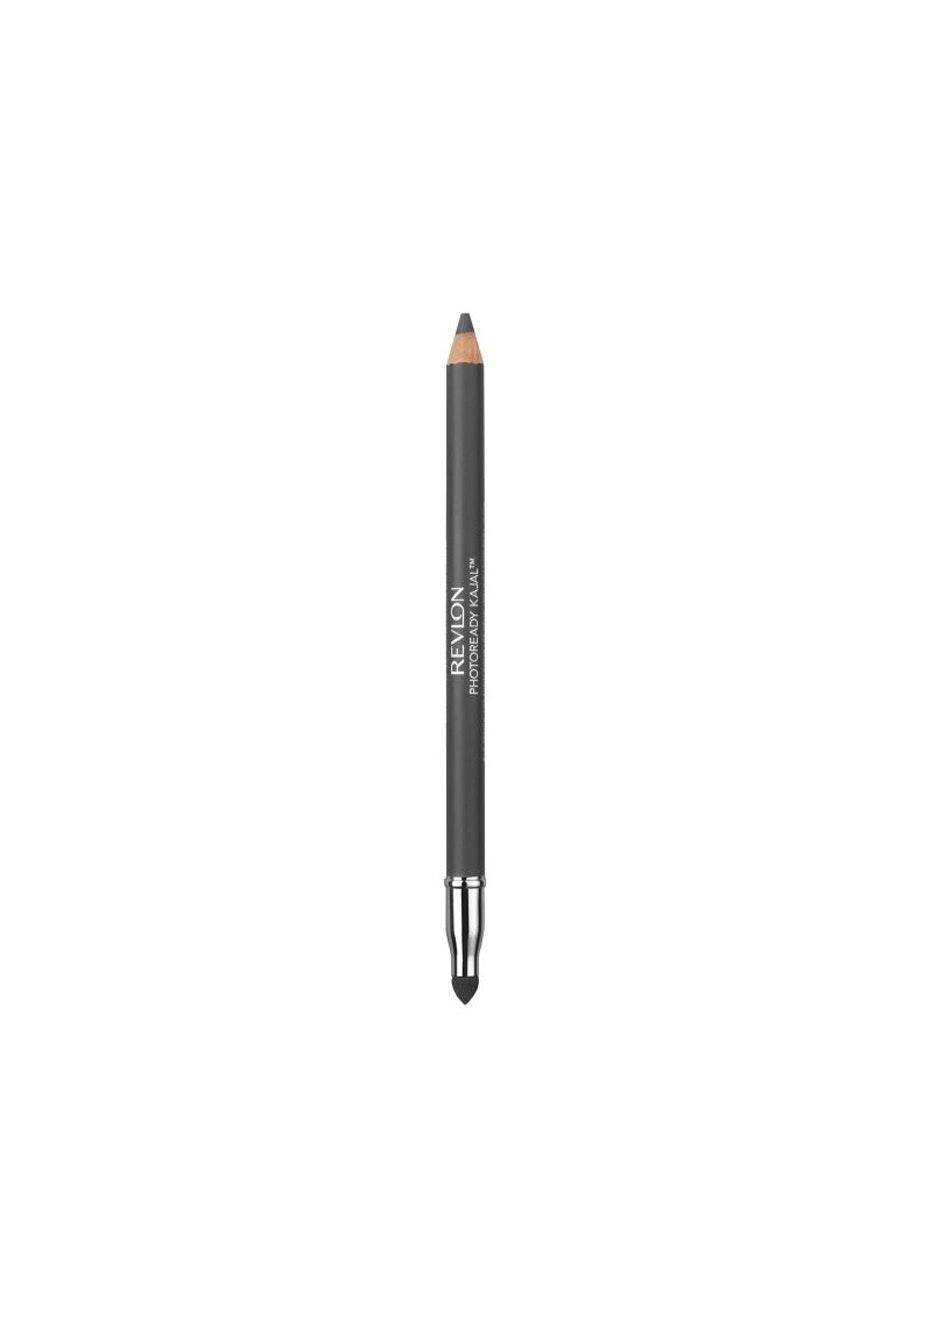 Revlon PhotoReady Kajal Matte Eye Pencil 303 Charcoal